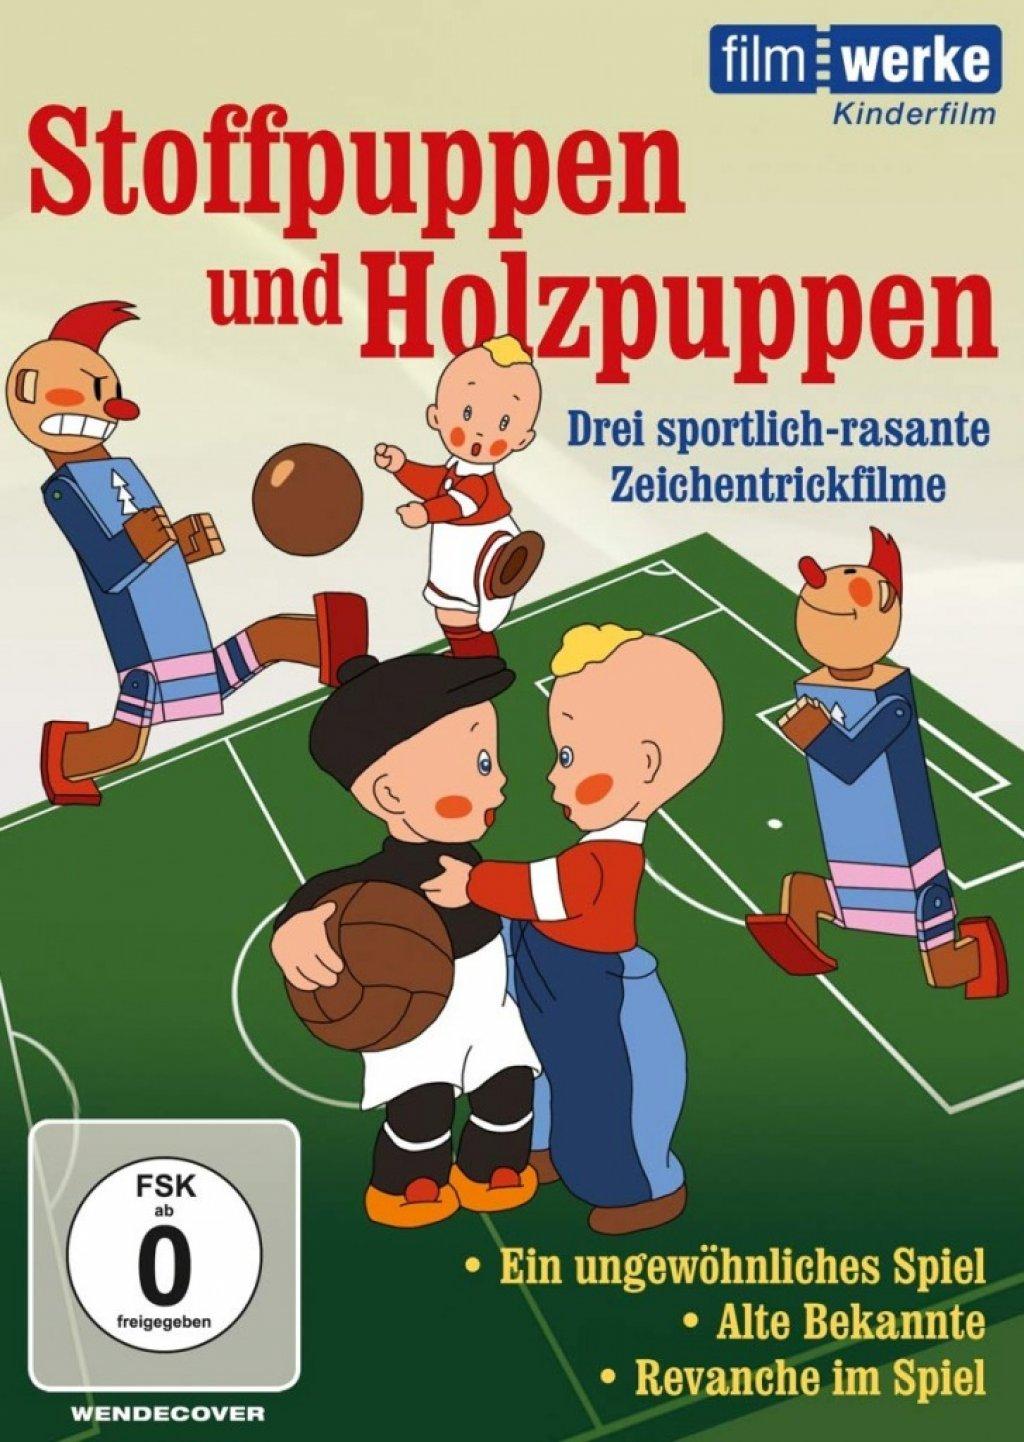 Stoffpuppen und Holzpuppen (DVD)